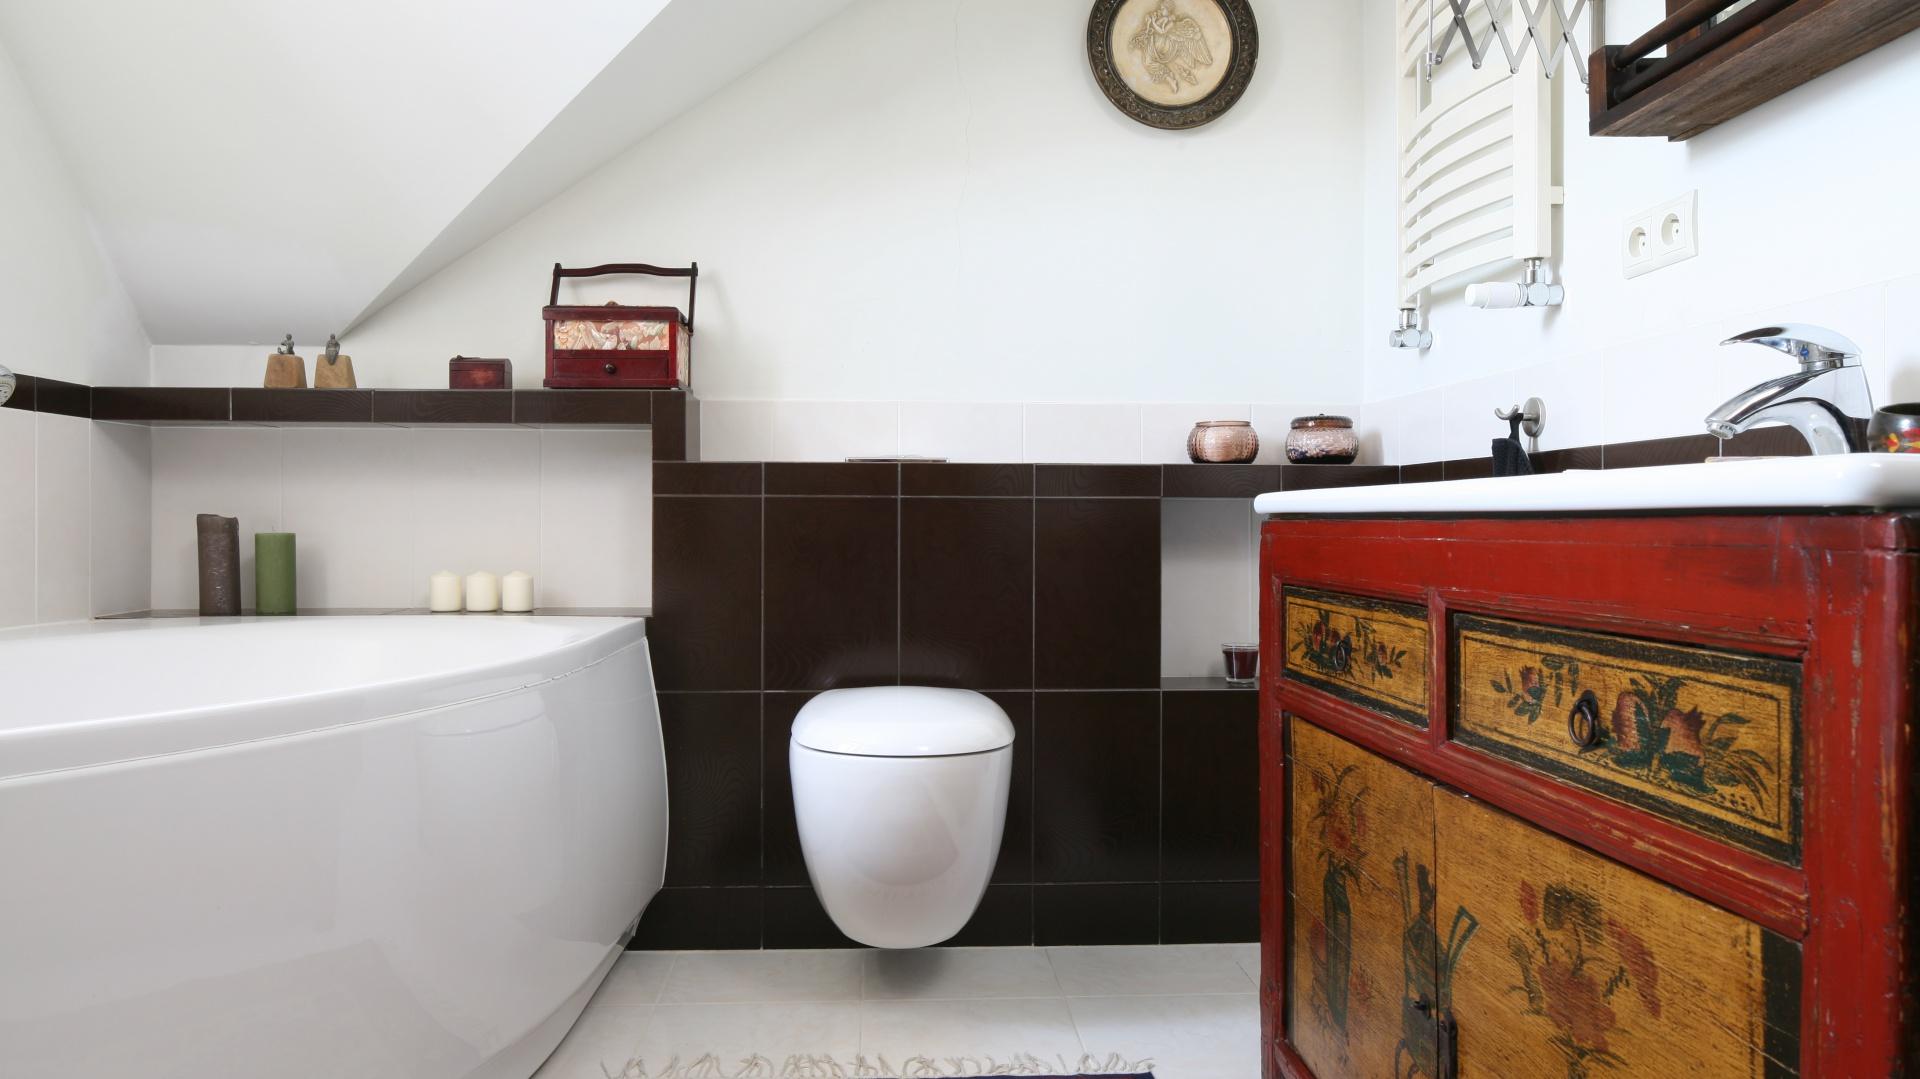 Biała łazienka została urządzona bardzo stylowo i odważnie -  wykorzystaniem dekoracji i wyposażenia wyszukane na targach staroci i podczas zagranicznych podróży. Zabytkowa komoda nie tylko ociepla wnętrze, ale także dodaje smaku aranżacji. Proj. Magdalena Misaczek. Fot. Bartosz Jarosz